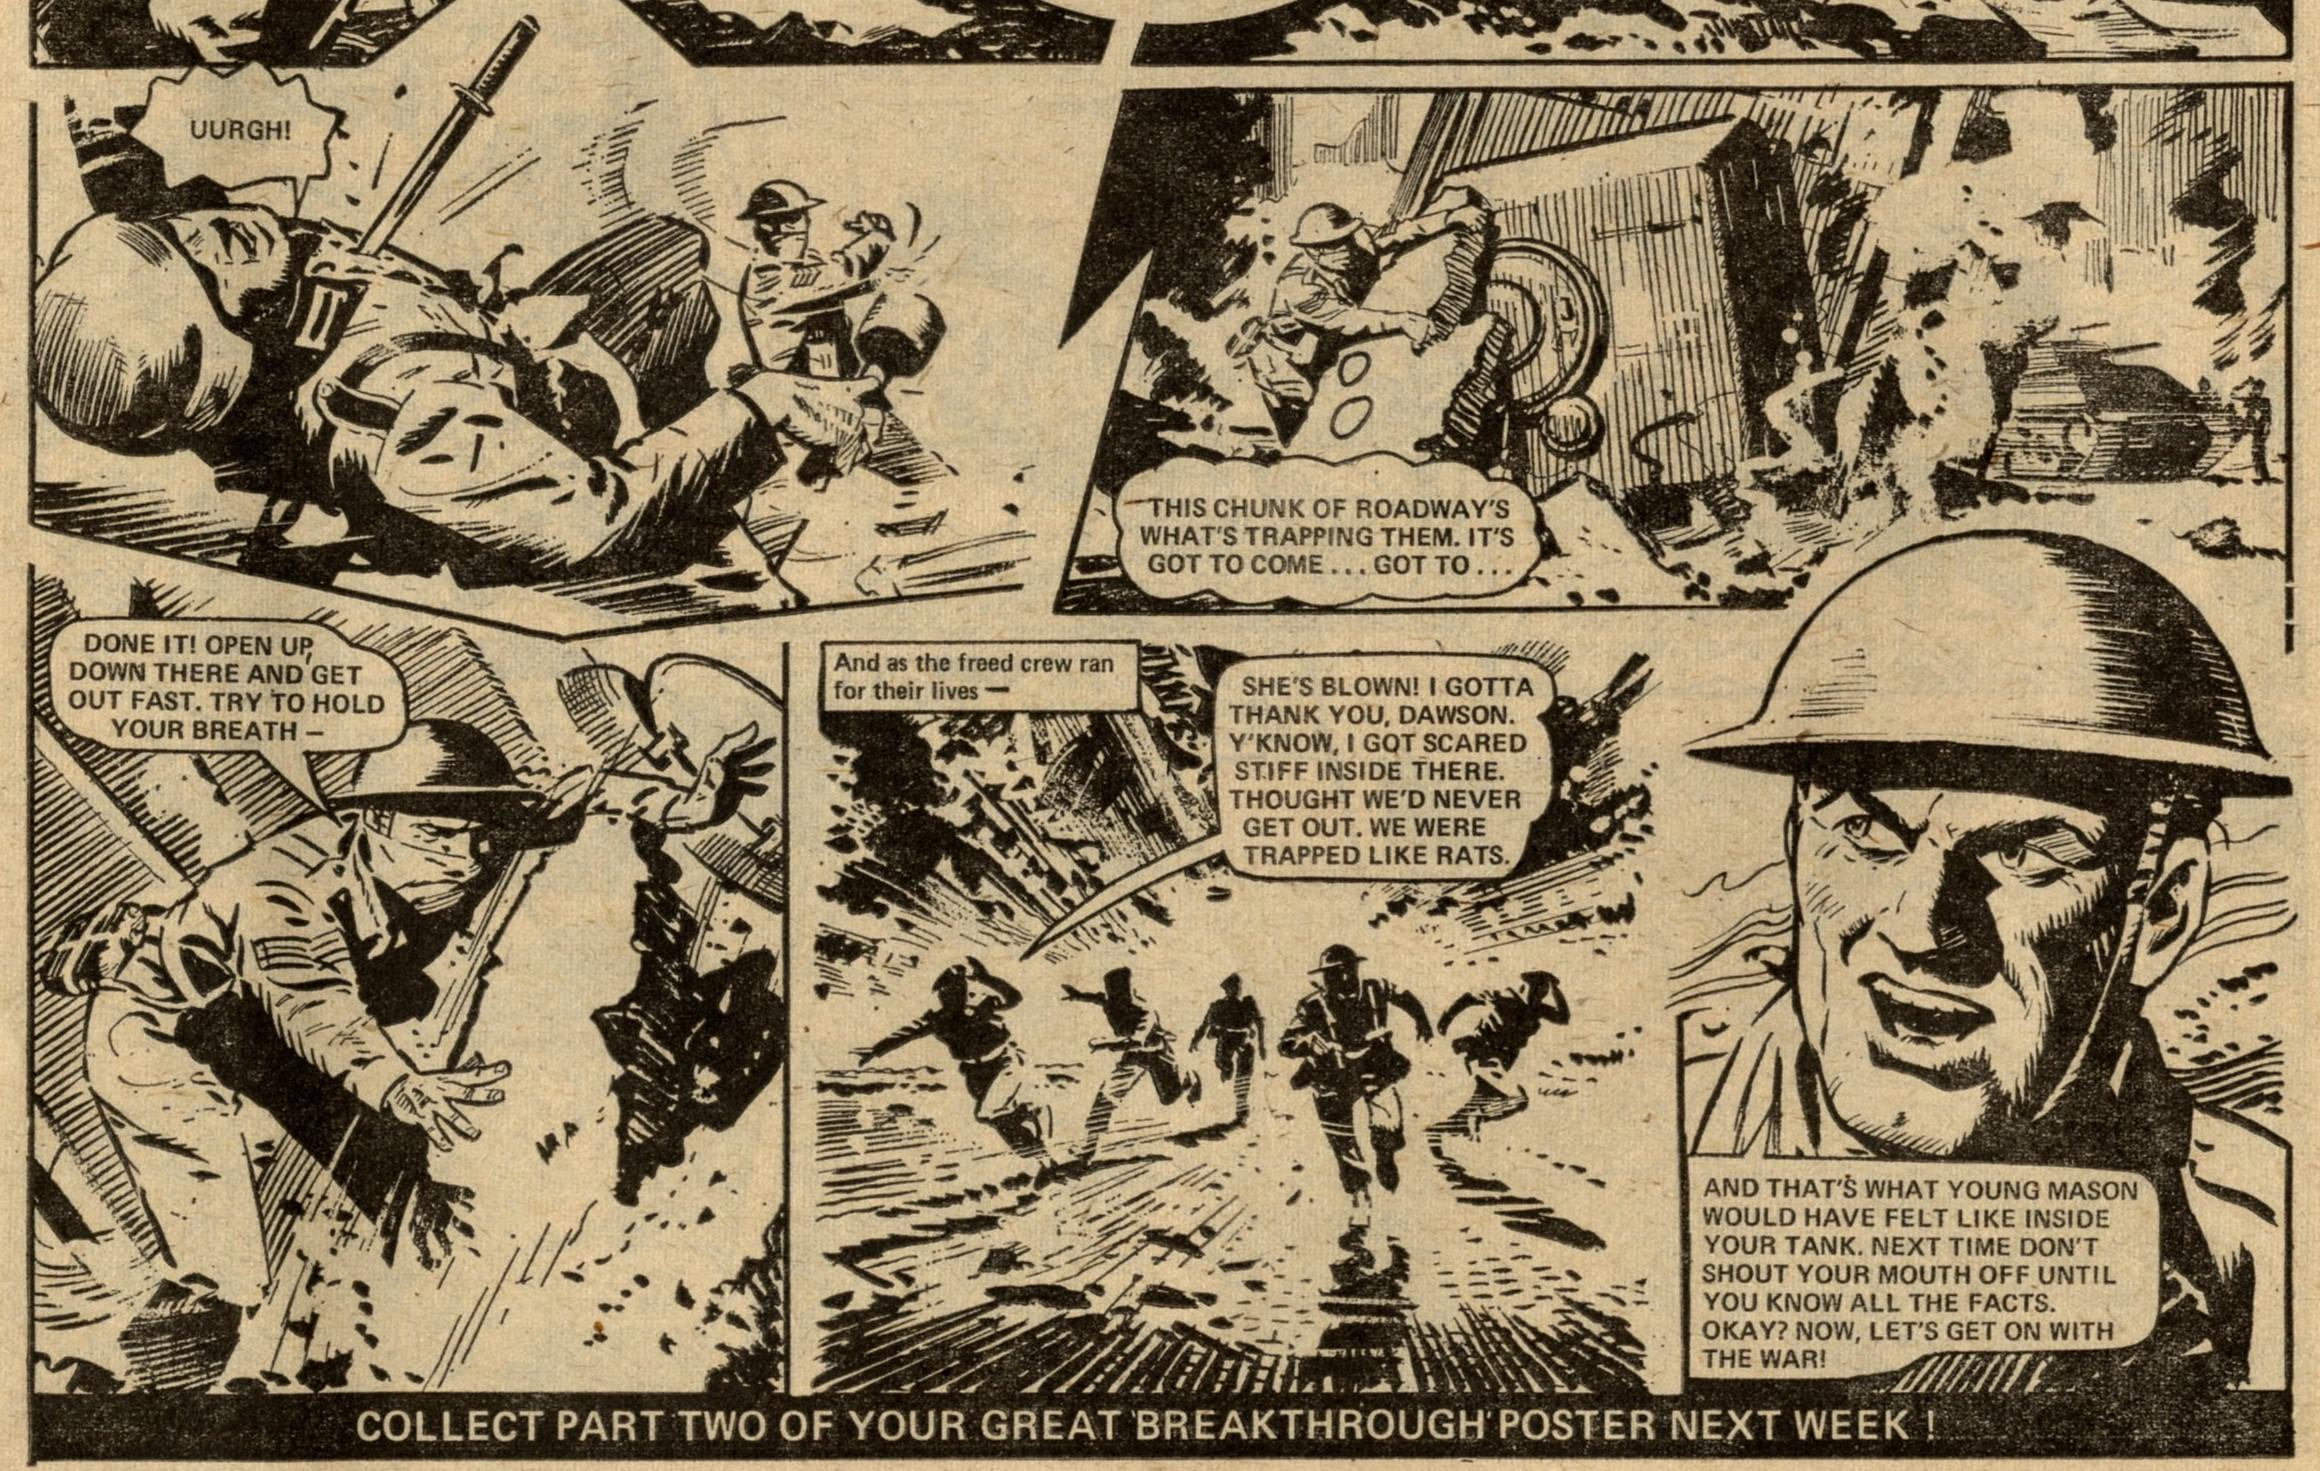 D-Day Dawson: Jim Watson? (artist), writer unknown